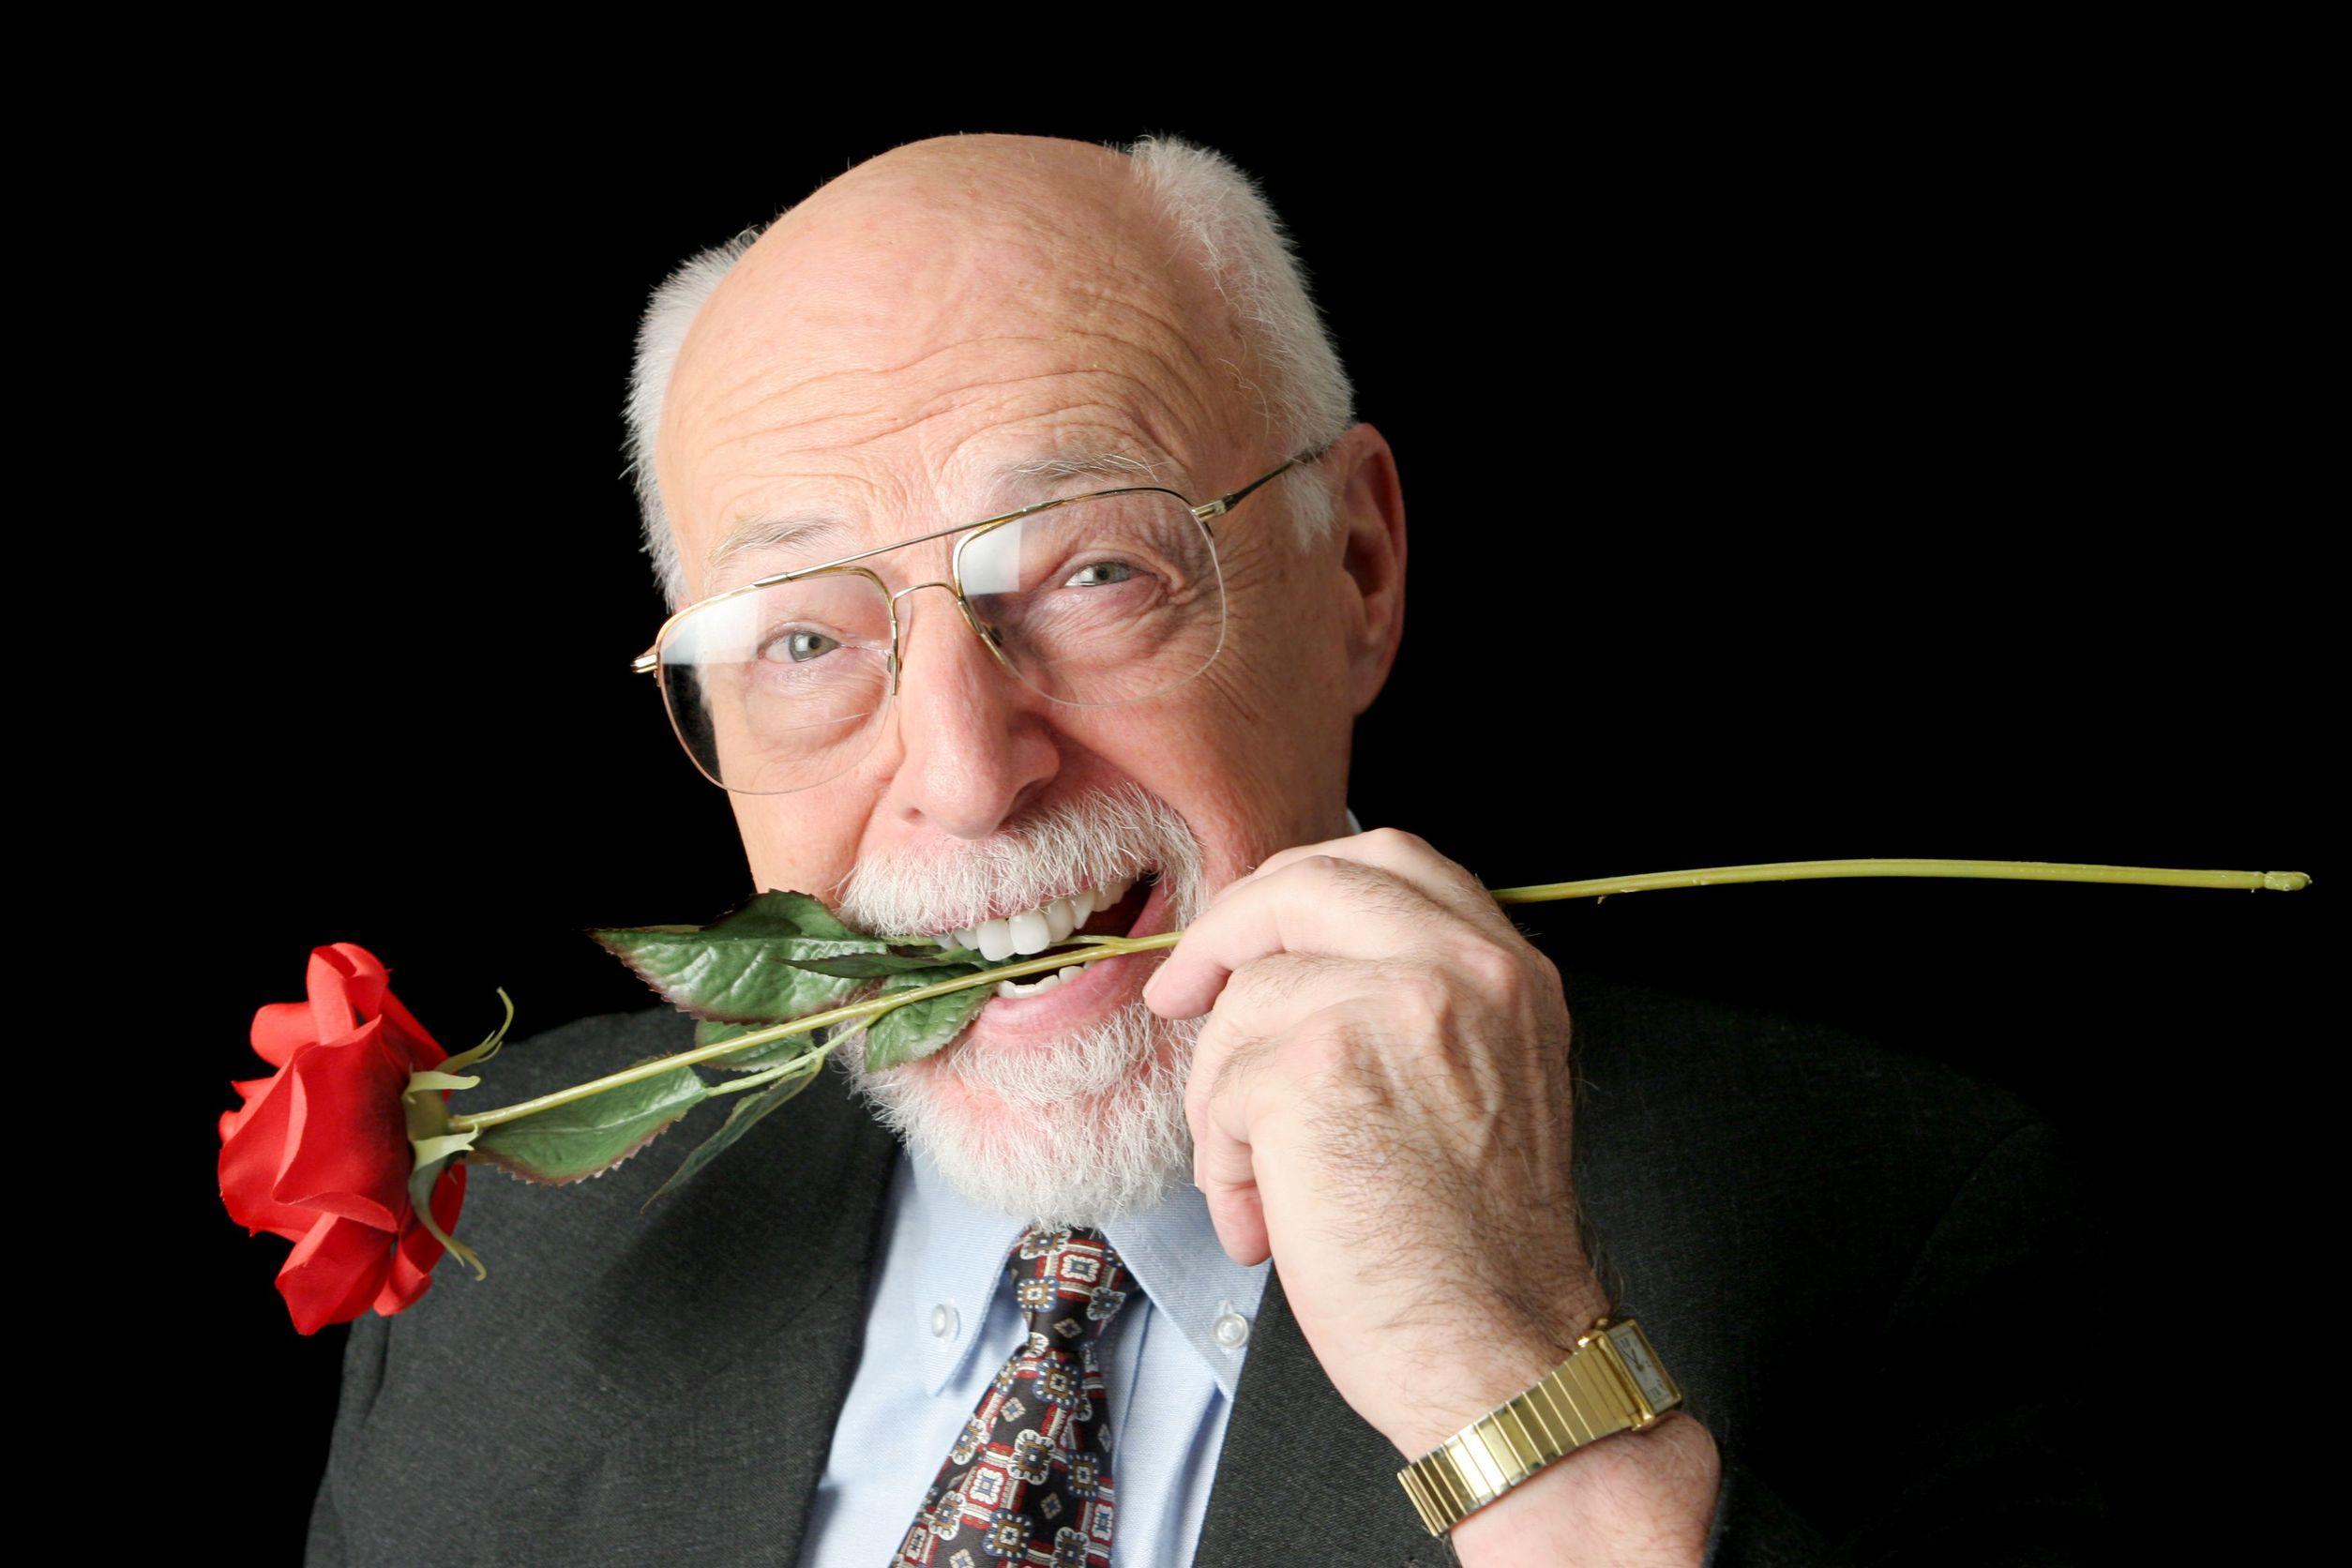 Rudolfo heilbronn online dating